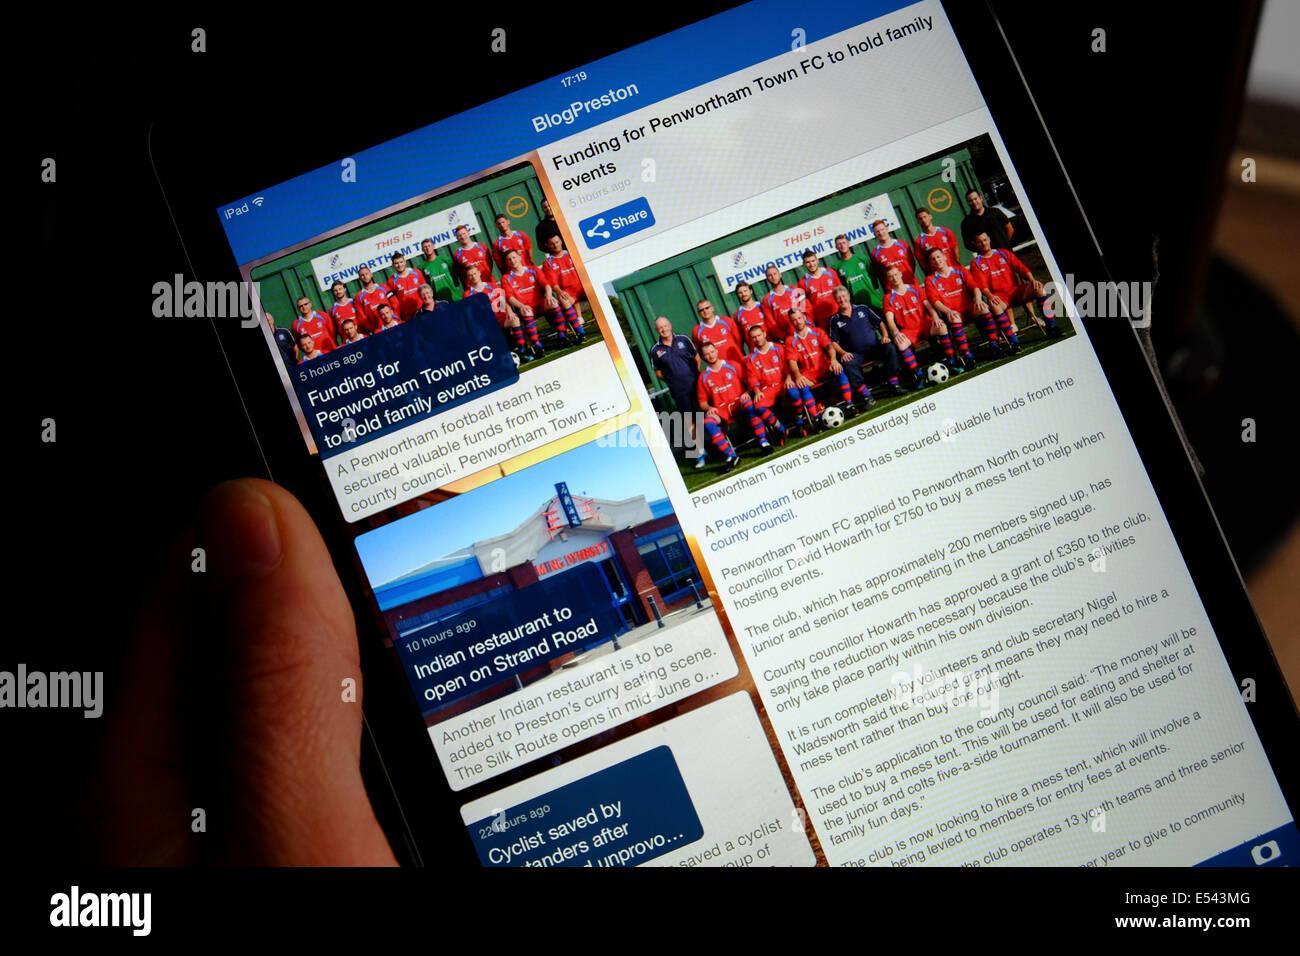 Información de la comunidad local a través de Internet ver en un IPad Mini con pantalla de Retina Imagen De Stock